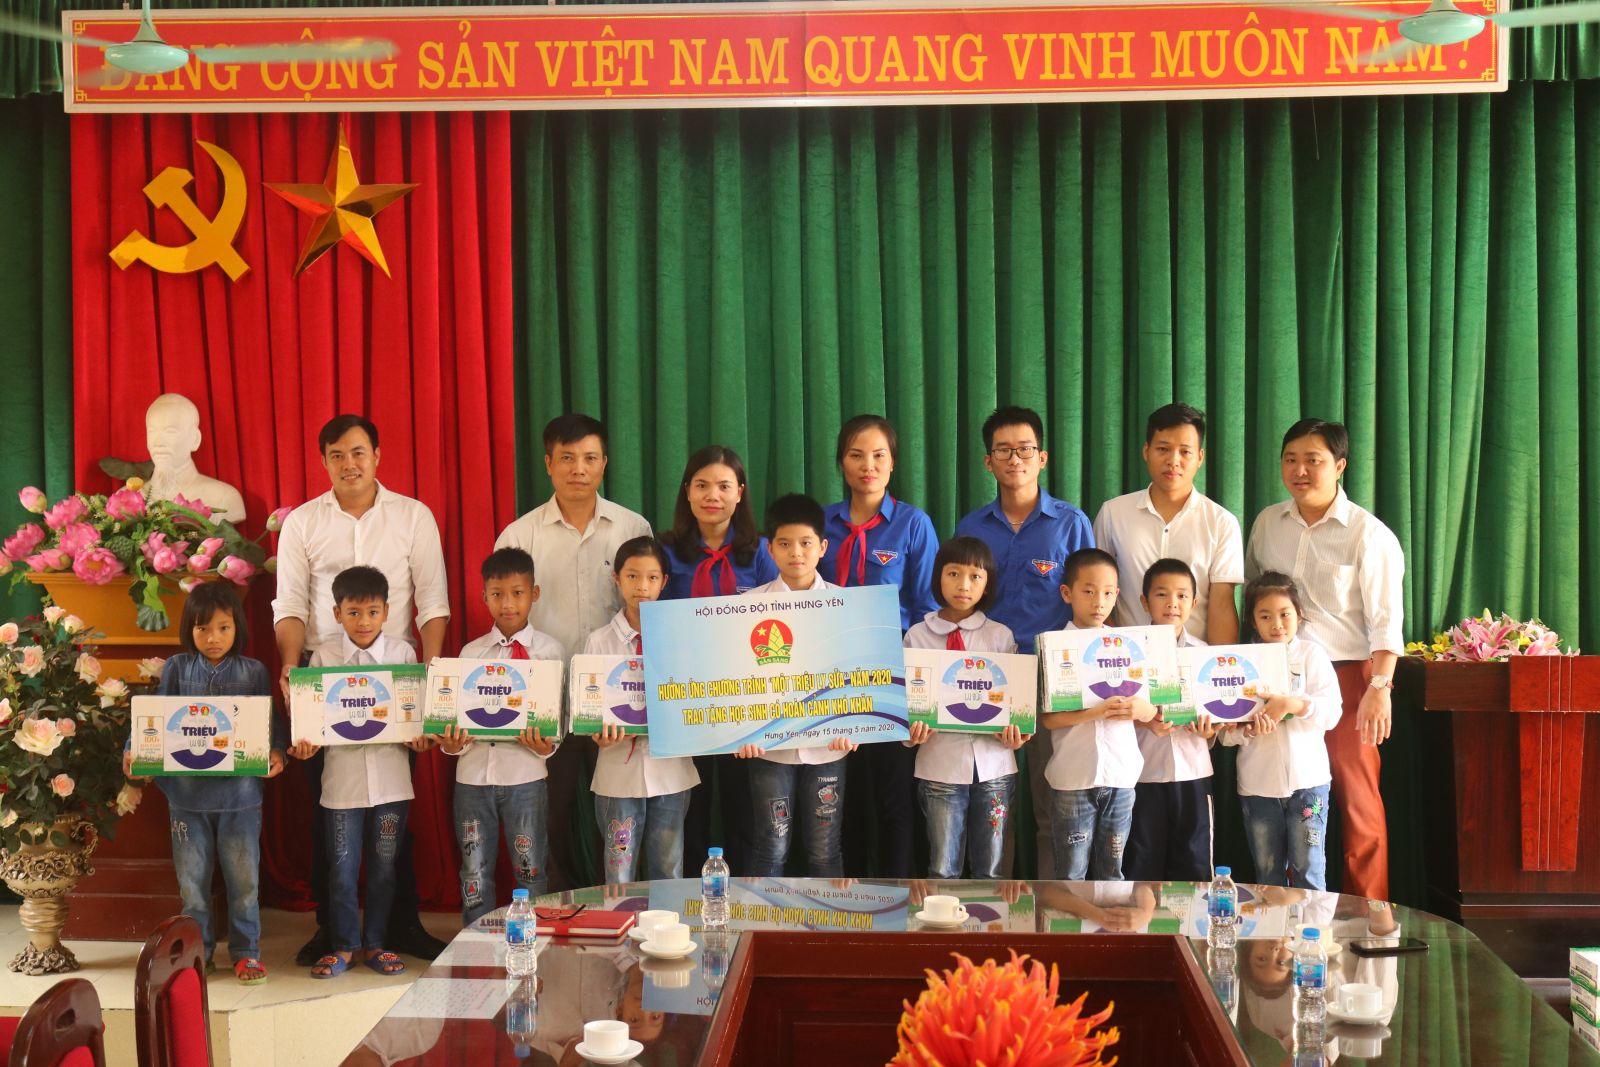 Nhân dịp kỉ niệm 79 năm ngày thành lập Đội Thiếu niên tiền phong Hồ Chí Minh (15/5/1941-15/5/2020), Hội đồng Đội tỉnh Hưng Yên tặng quà cho thiếu nhi có hoàn cảnh khó khăn